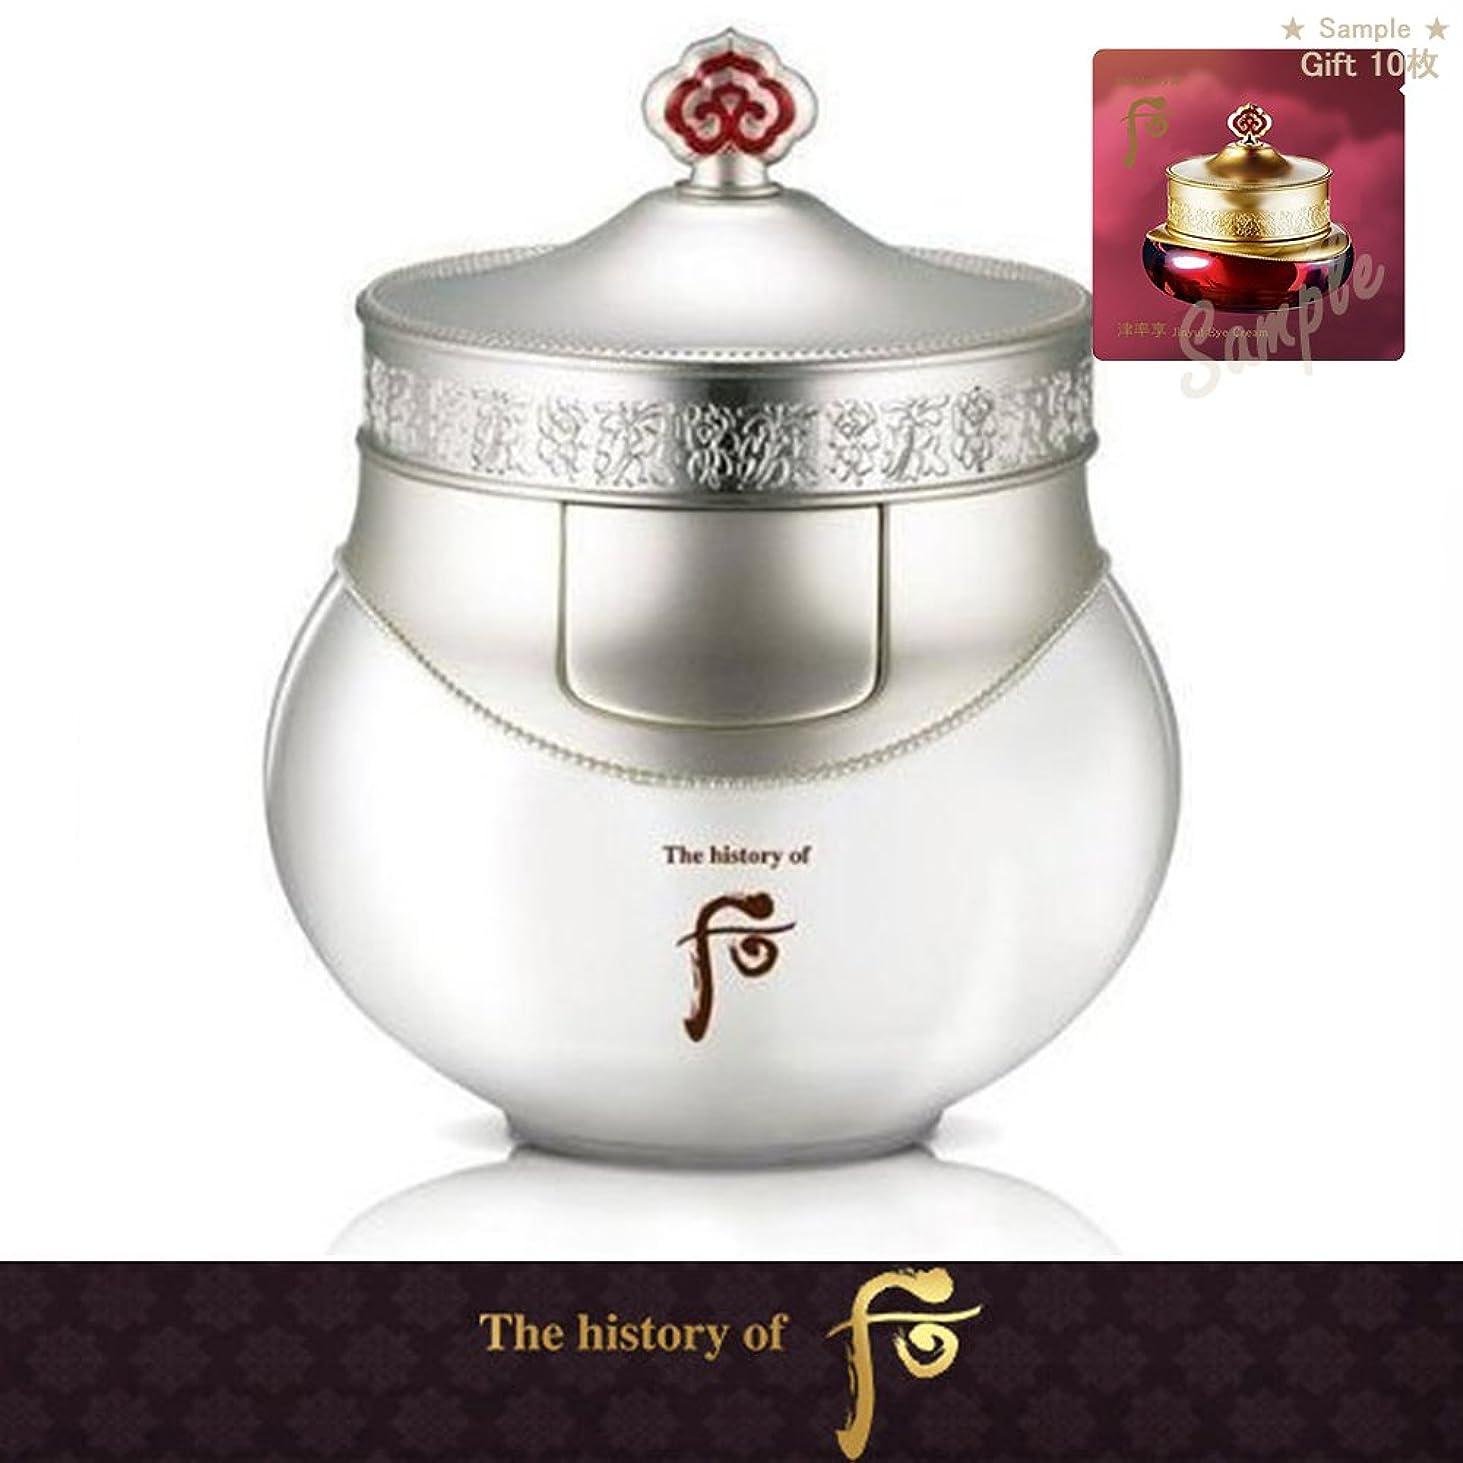 仲介者肉増幅器【フー/ The history of whoo] Whoo 后(フー) The history of whoo Gongjinhyang Seol Whitening & Mositure Cream ゴンジンヒャン設定美 白水分と- 60ml+ Sample Gift(海外直送品)